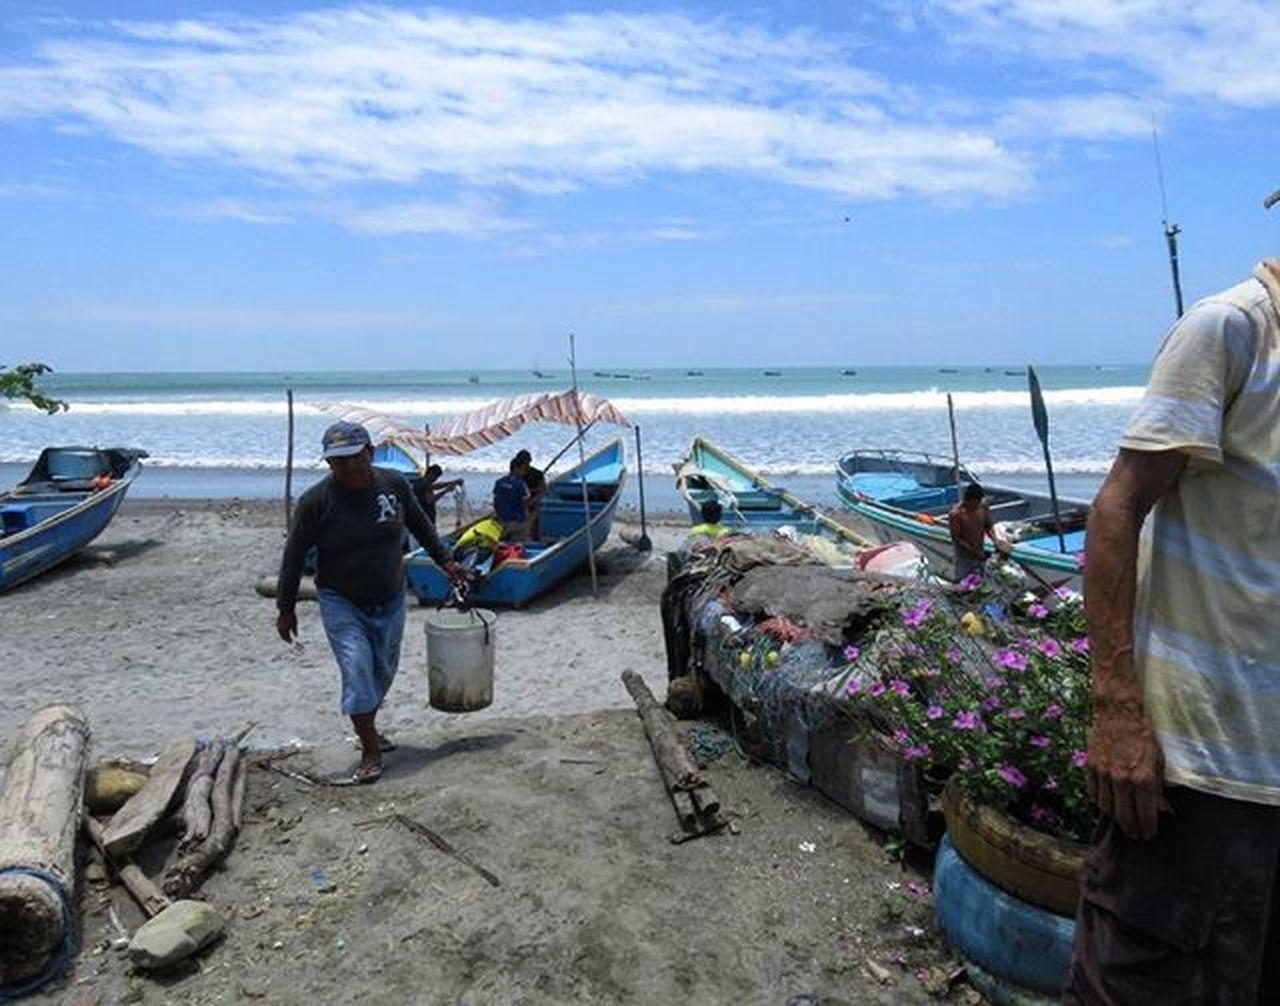 Ustedno Elsureselnorte Instatravel Igersecuador Pescadores Mochileros Ecuador Manabí AllYouNeedIsEcuador